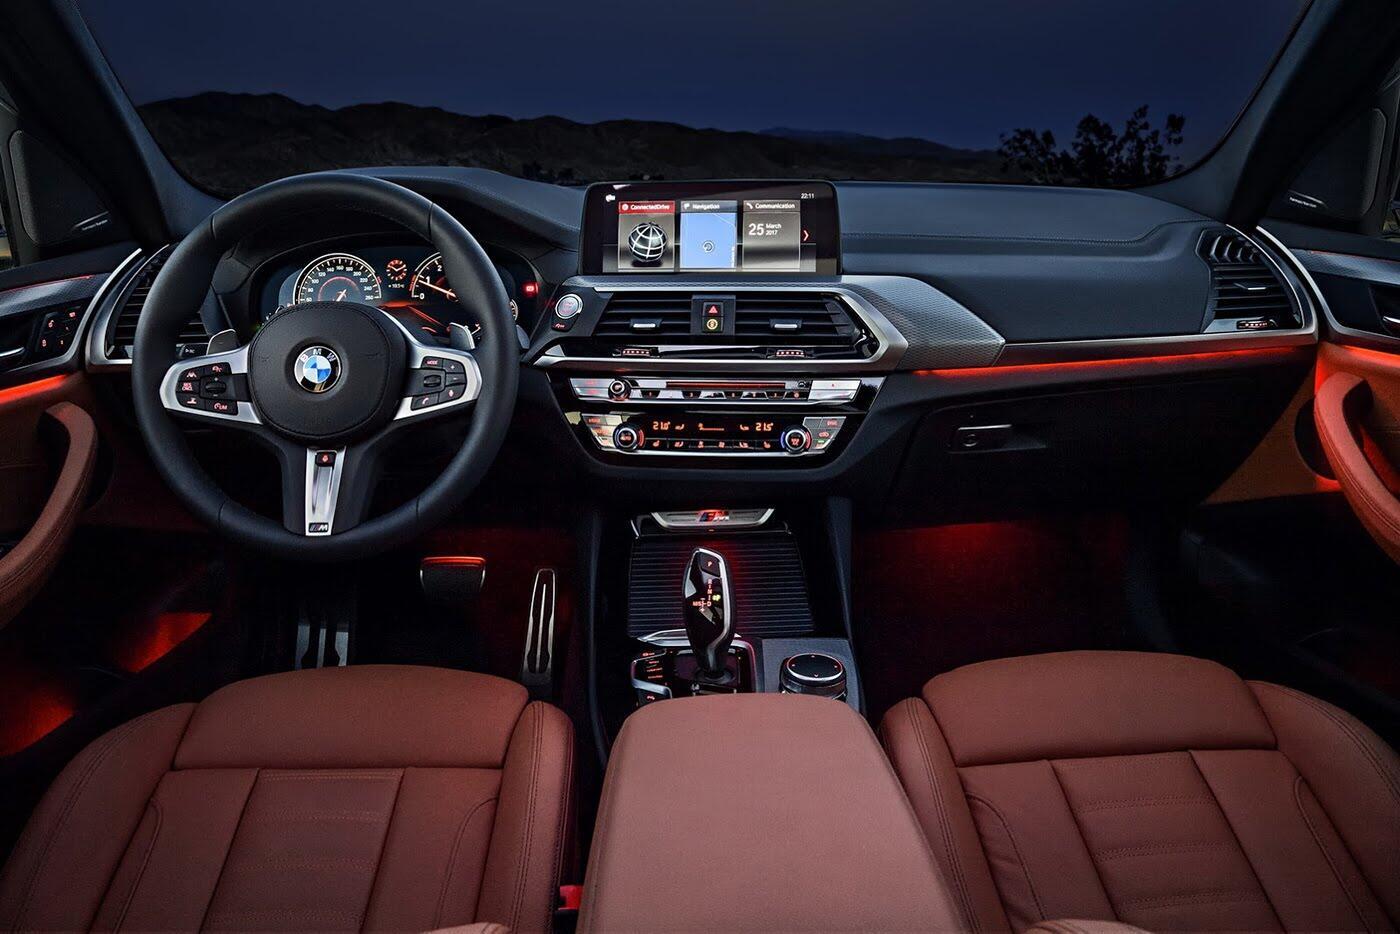 Ảnh chi tiết BMW X3 2018 hoàn toàn mới - Hình 34